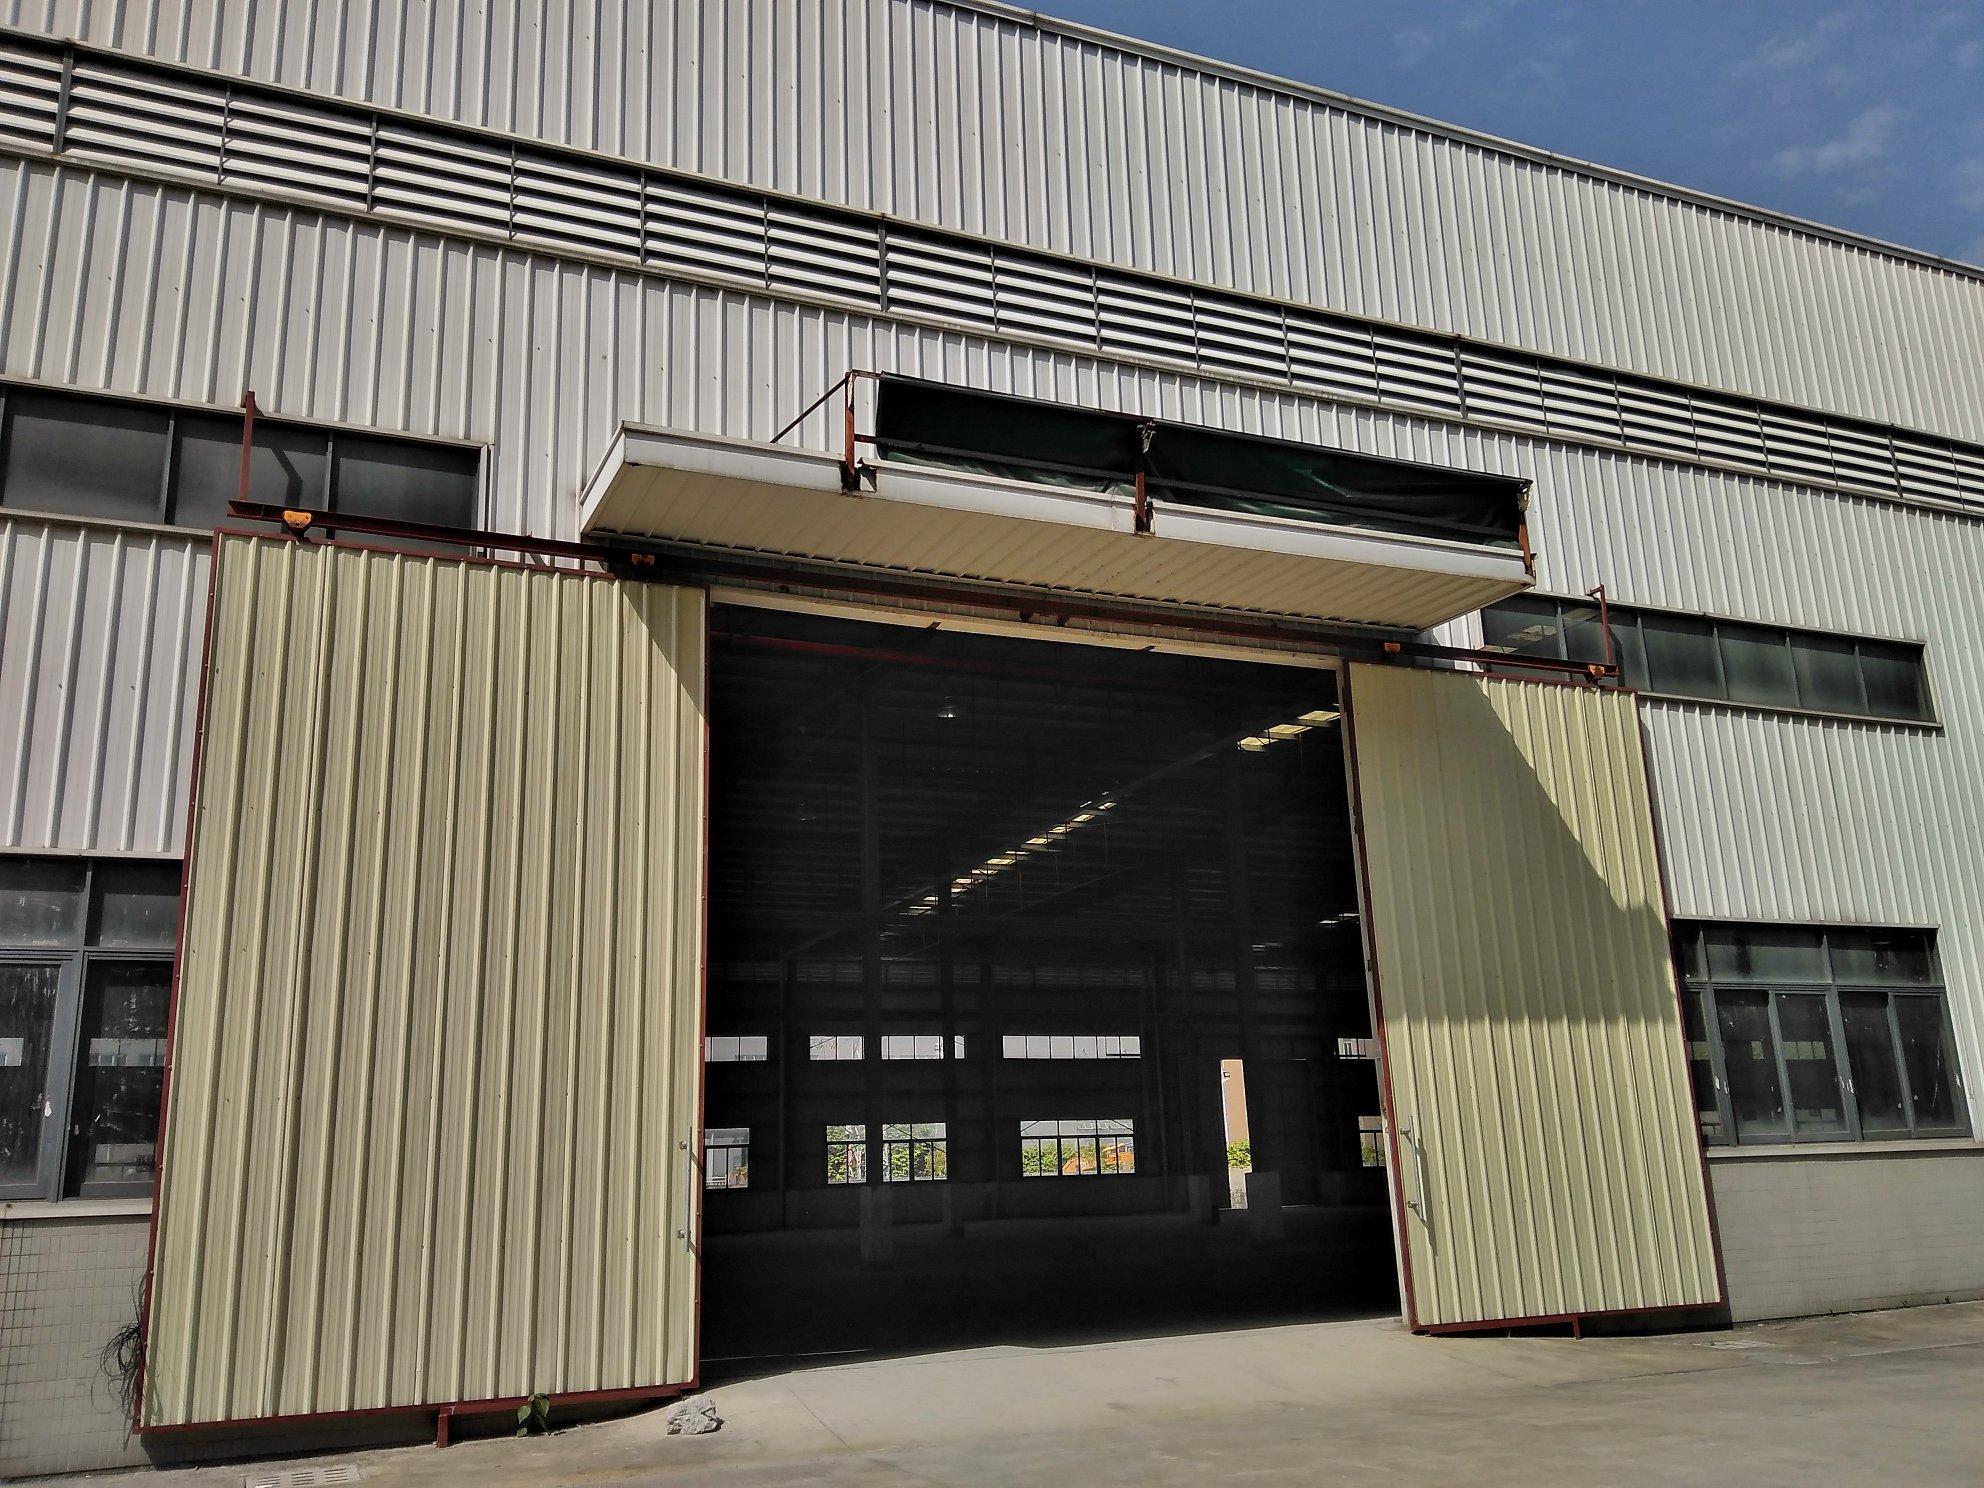 肇庆鼎湖永安工业区20000方厂房出租,交通便利,易招工。